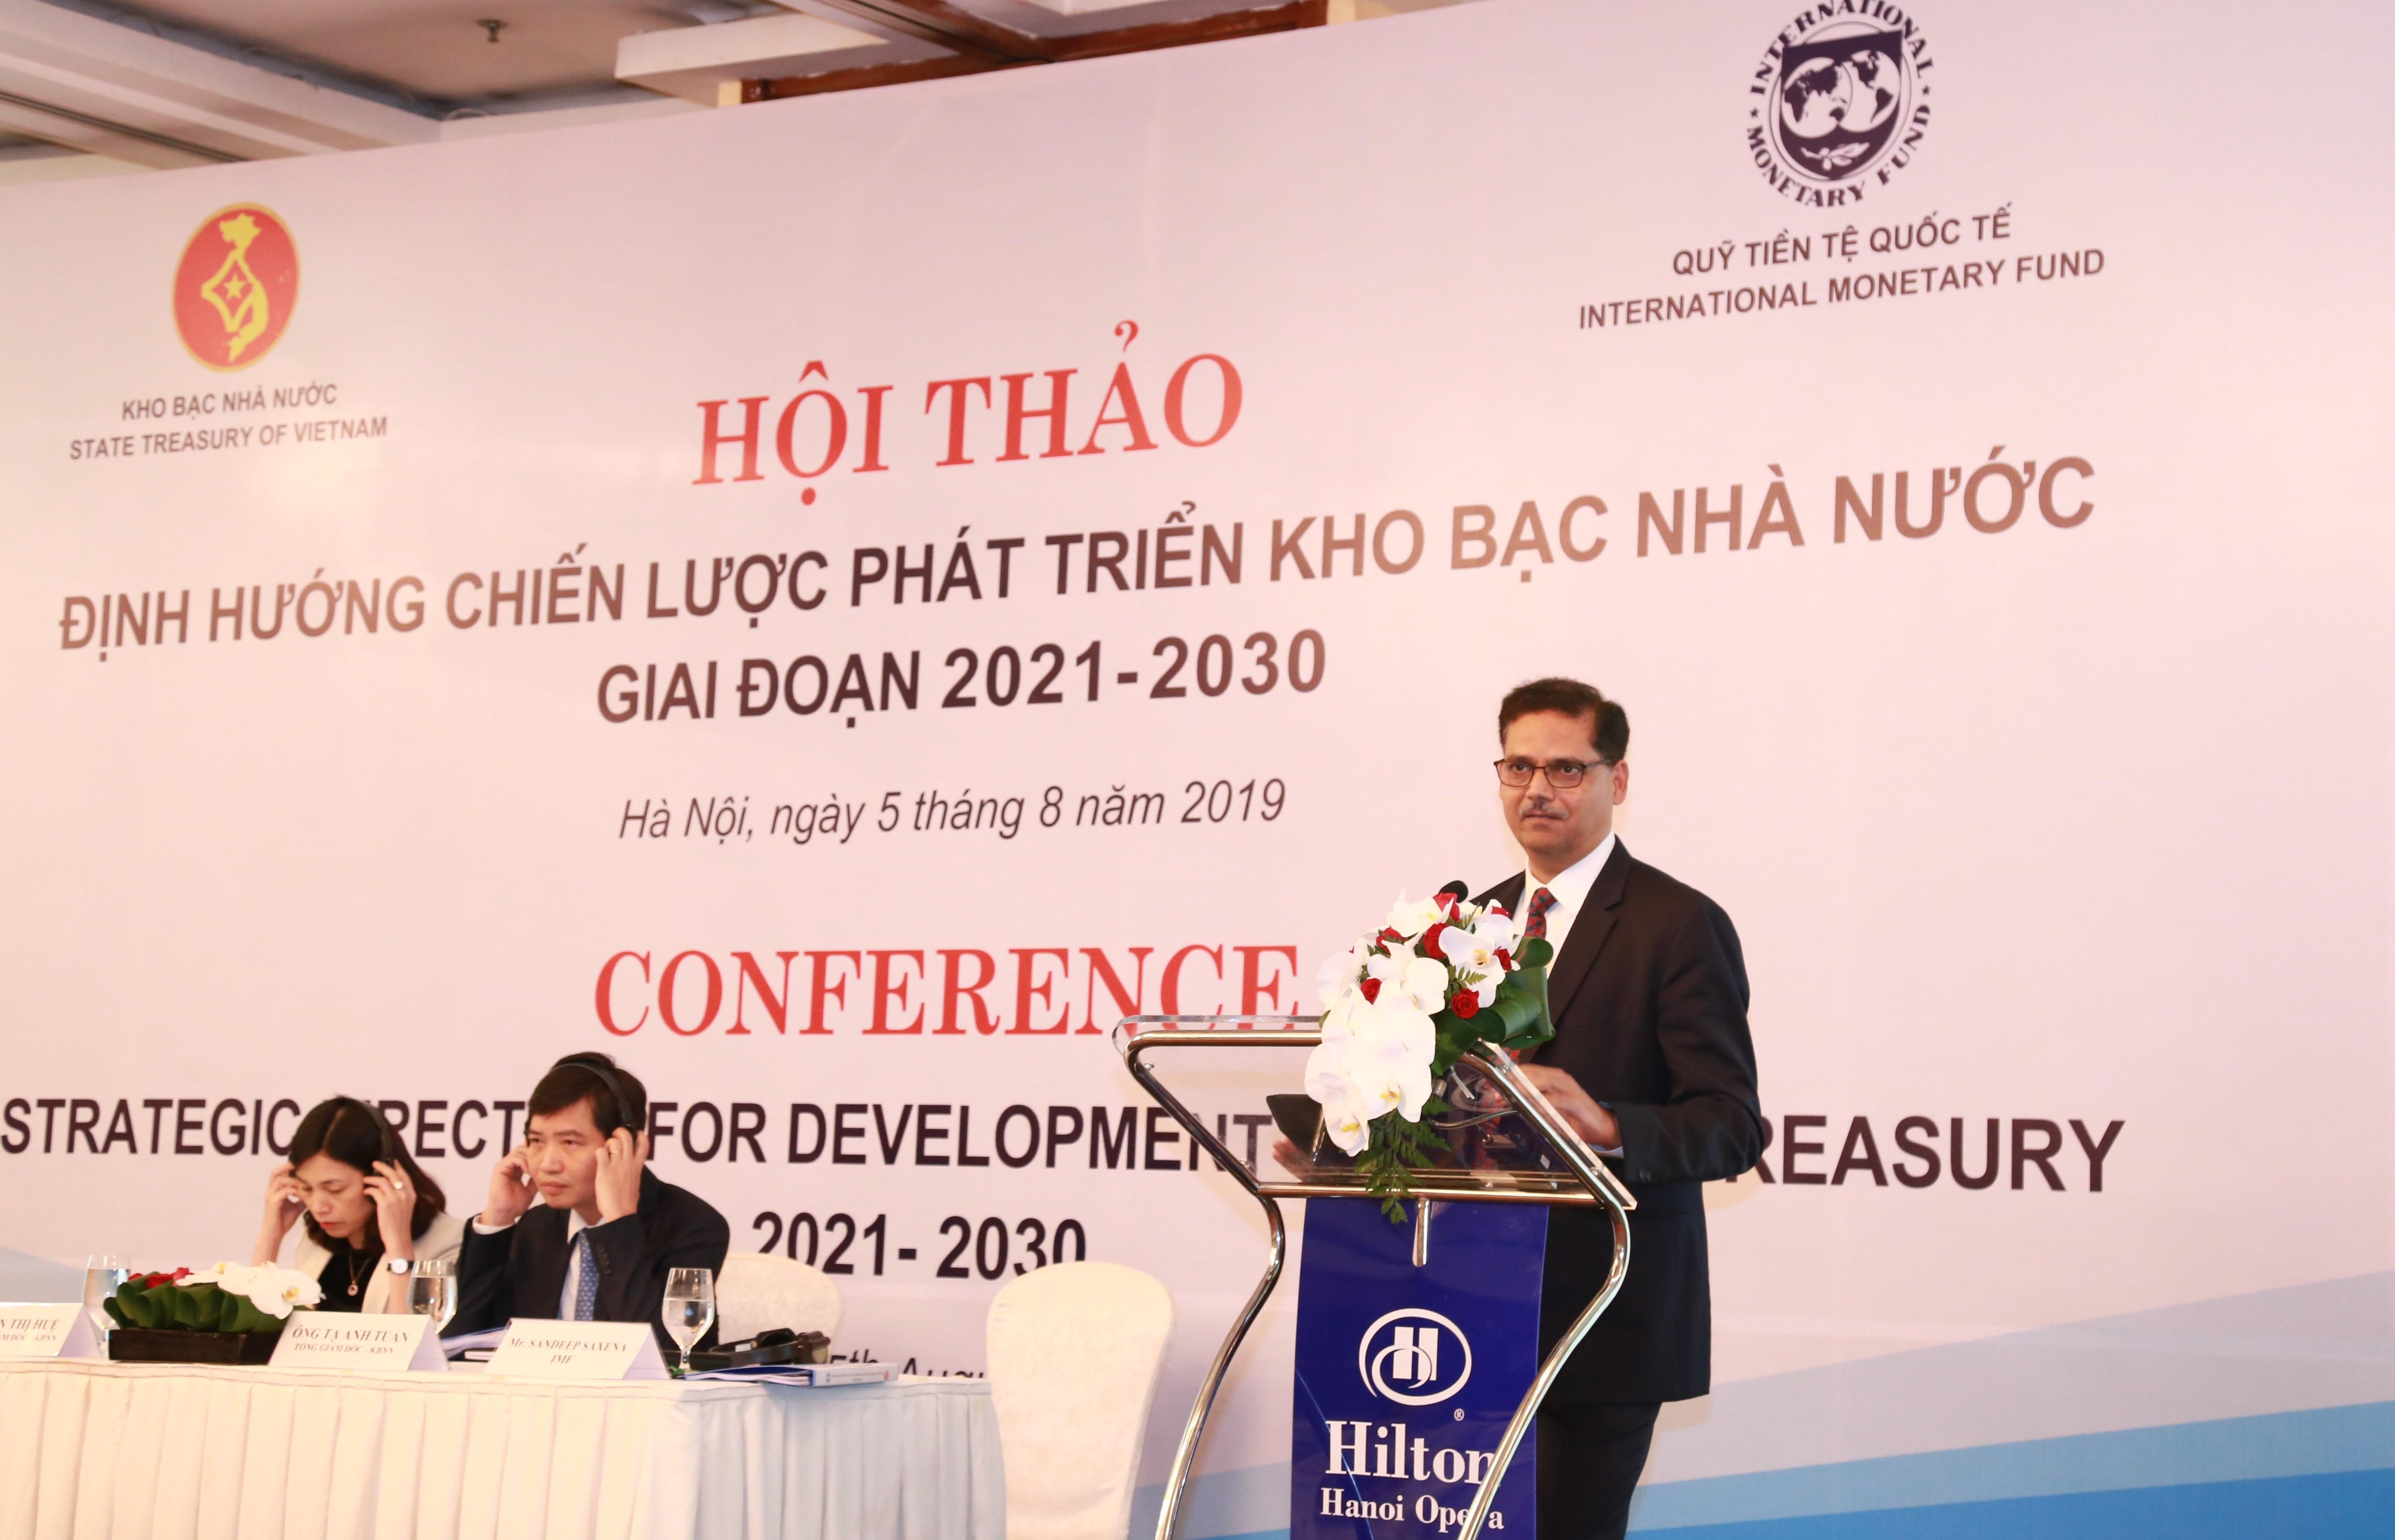 Ông Sandeep Saxena, chuyên gia cao cấp củaVụ các vấn đề tài khóa IMF phát biểu tại Hội thảo